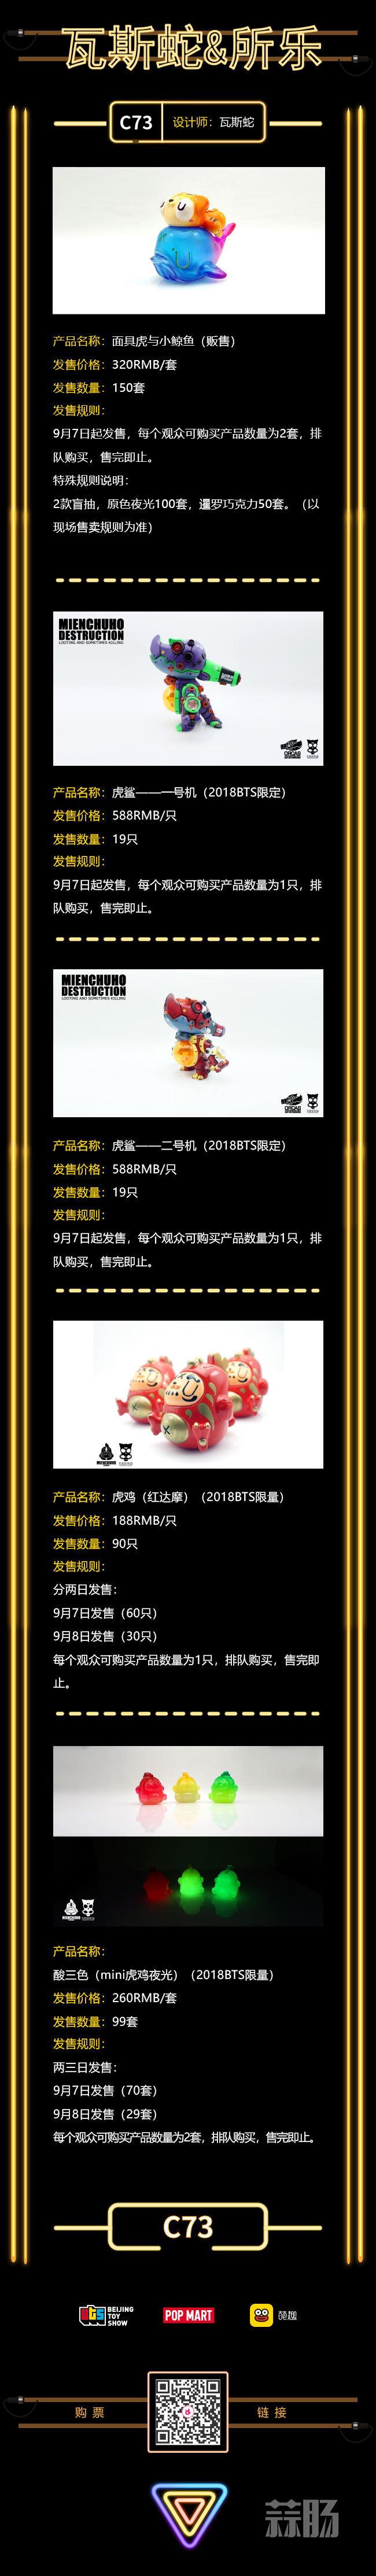 2018北京国际潮流玩具展第一波超人气限定品公开 漫展 第19张